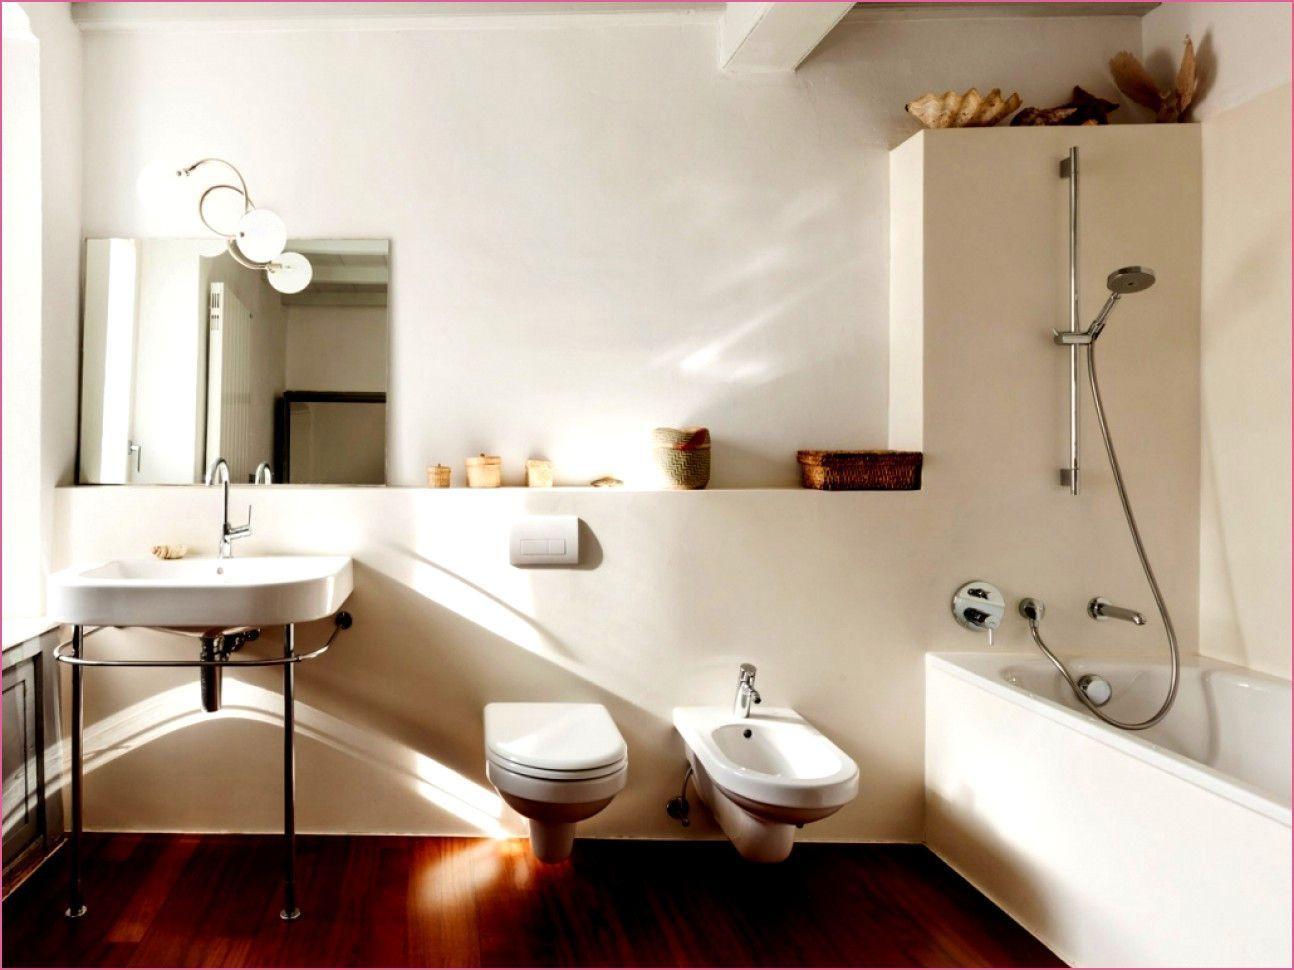 Badezimmer Ideen Dekoration Ablage Turkises Kleid In 2020 Badezimmer Deko Badezimmer Ablage Bad Deko